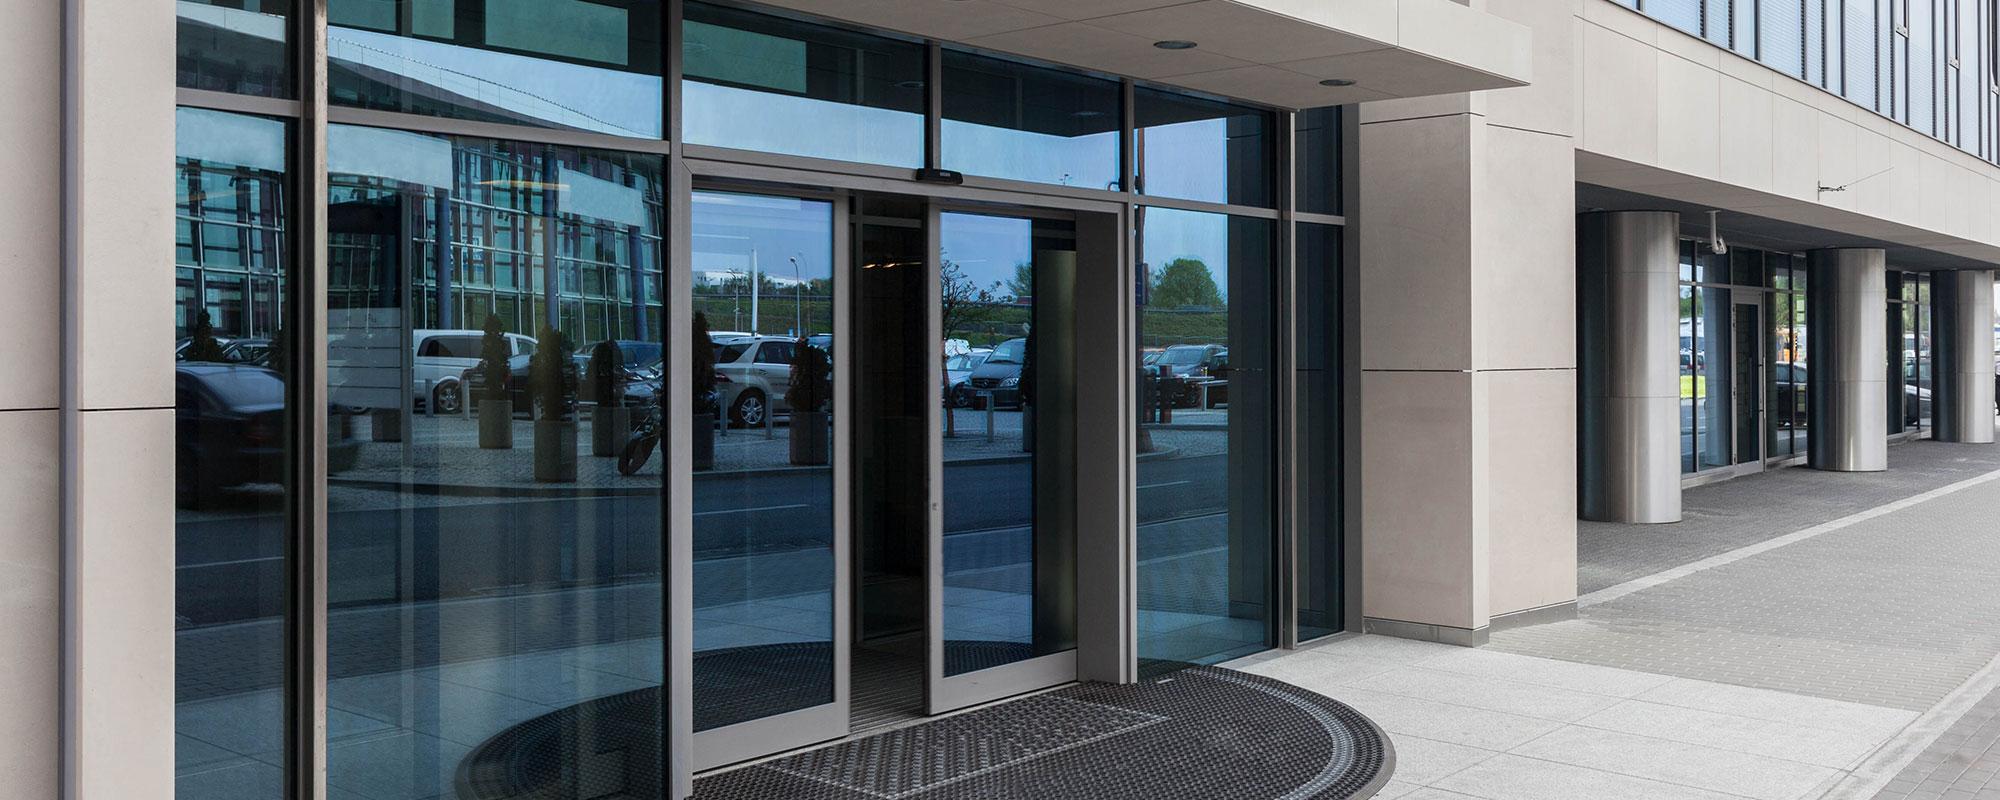 Автоматичні розсувні двері від виробника